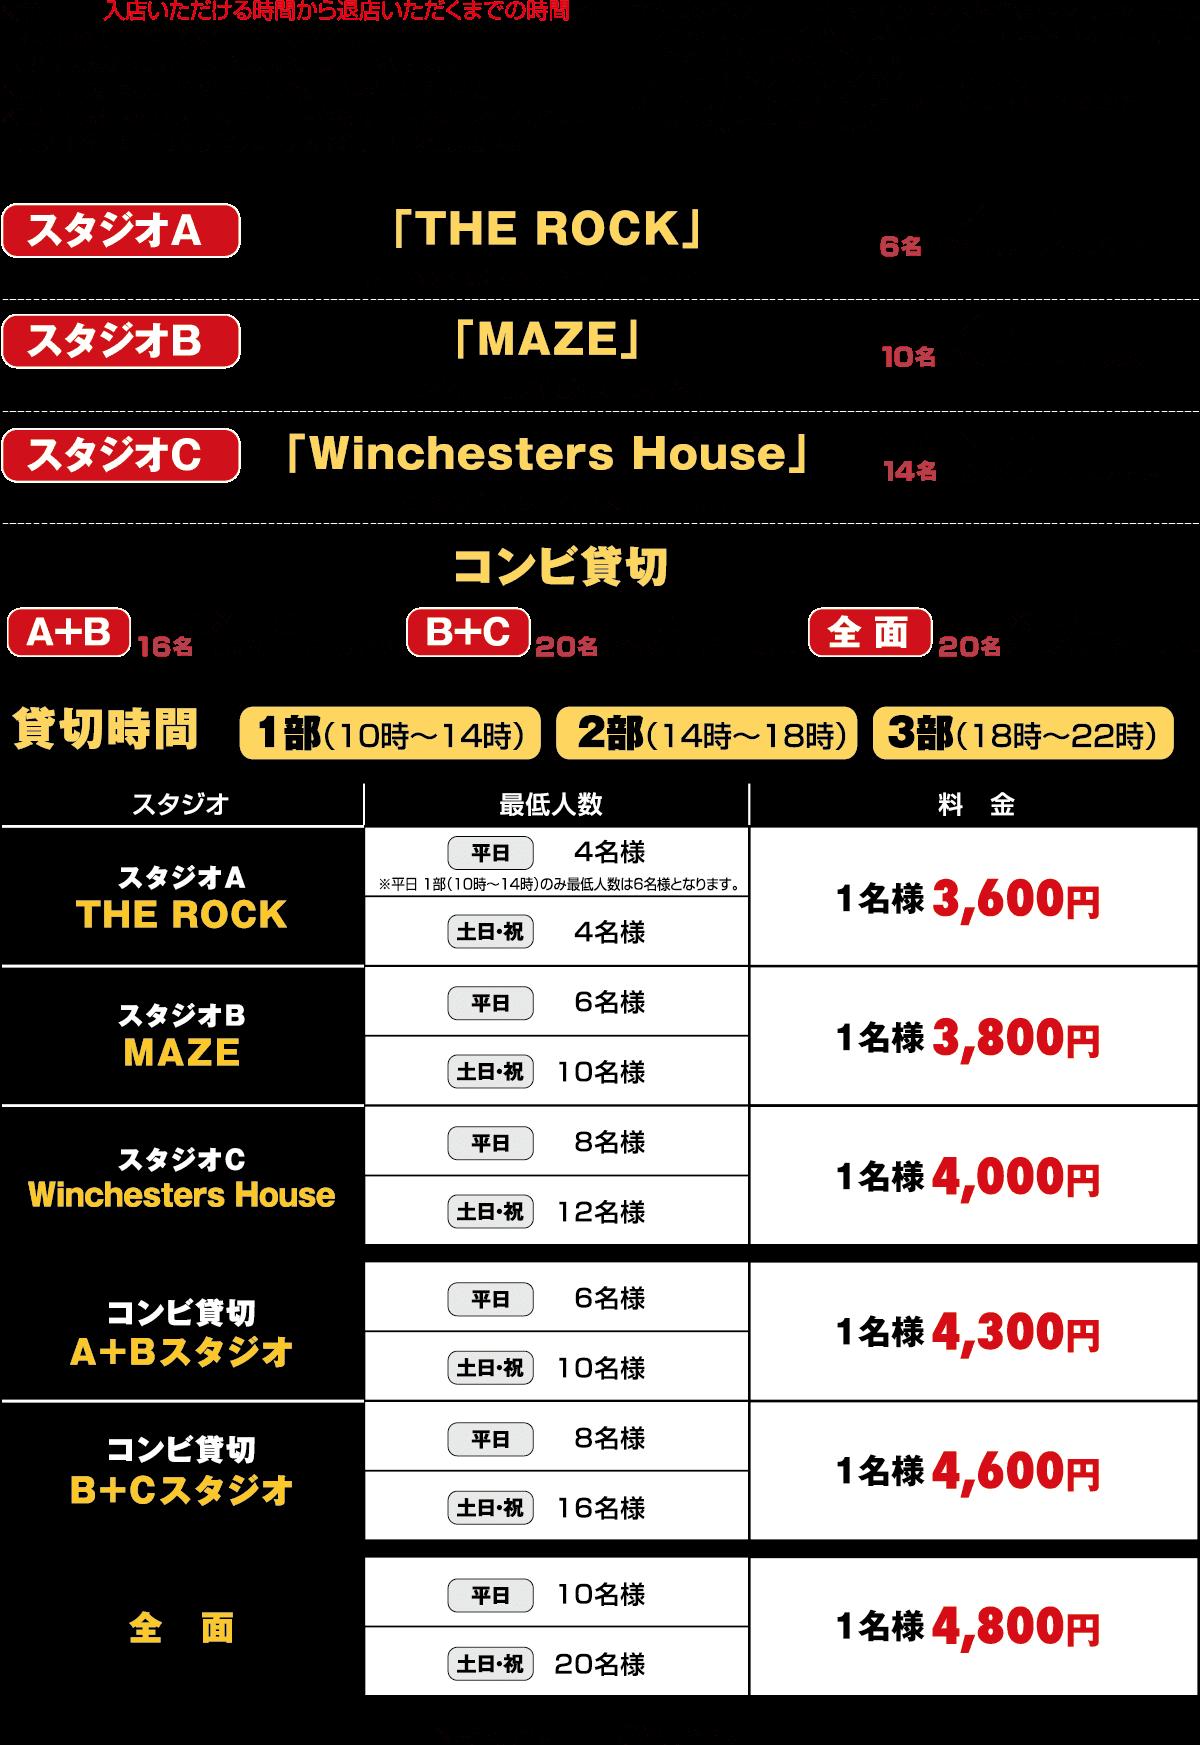 名古屋でサバイバルゲームをするならBrave Point 名古屋店 | 貸切案内